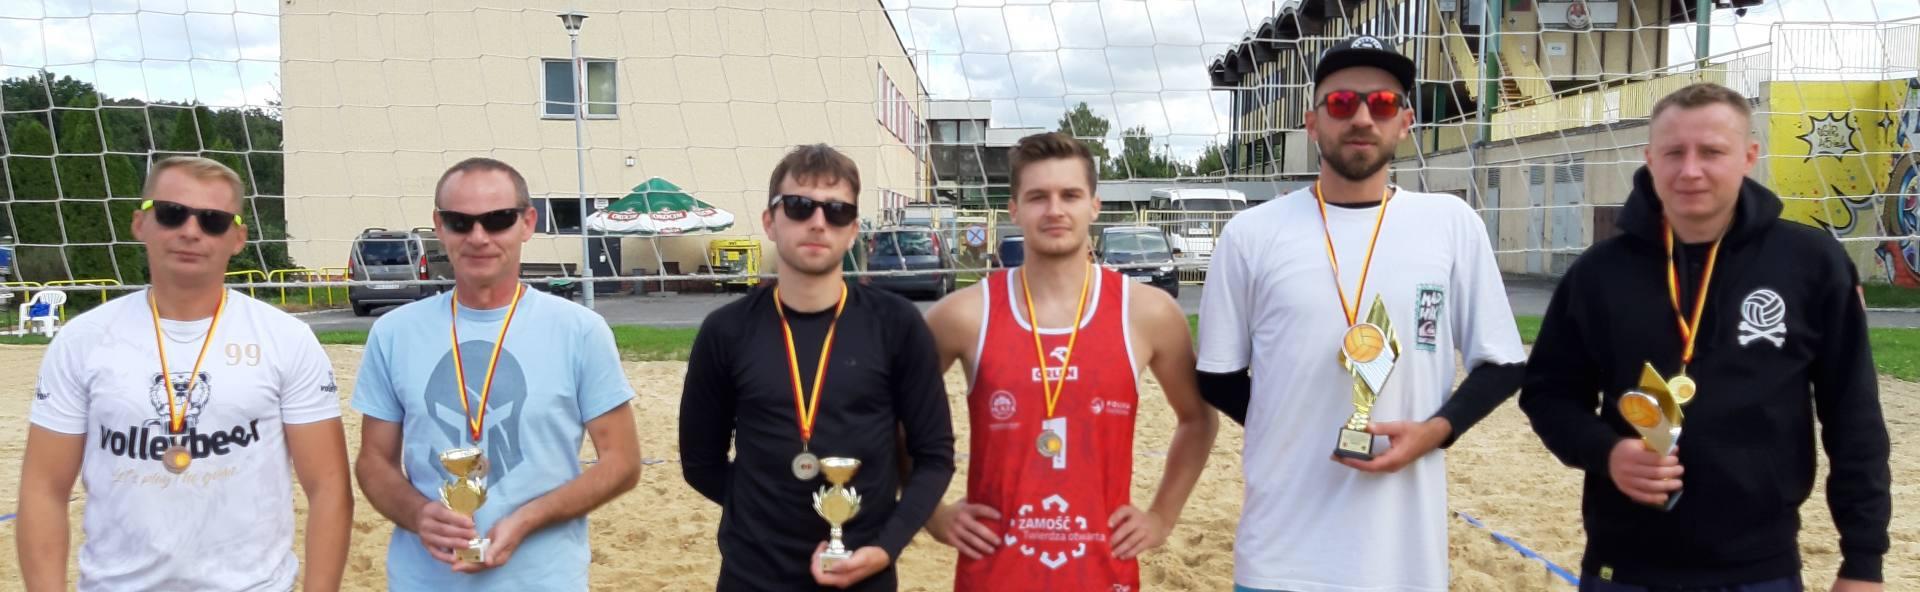 20210905 104631 Za nami Turniej Finałowy Siatkówki Plażowej Mężczyzn LZS